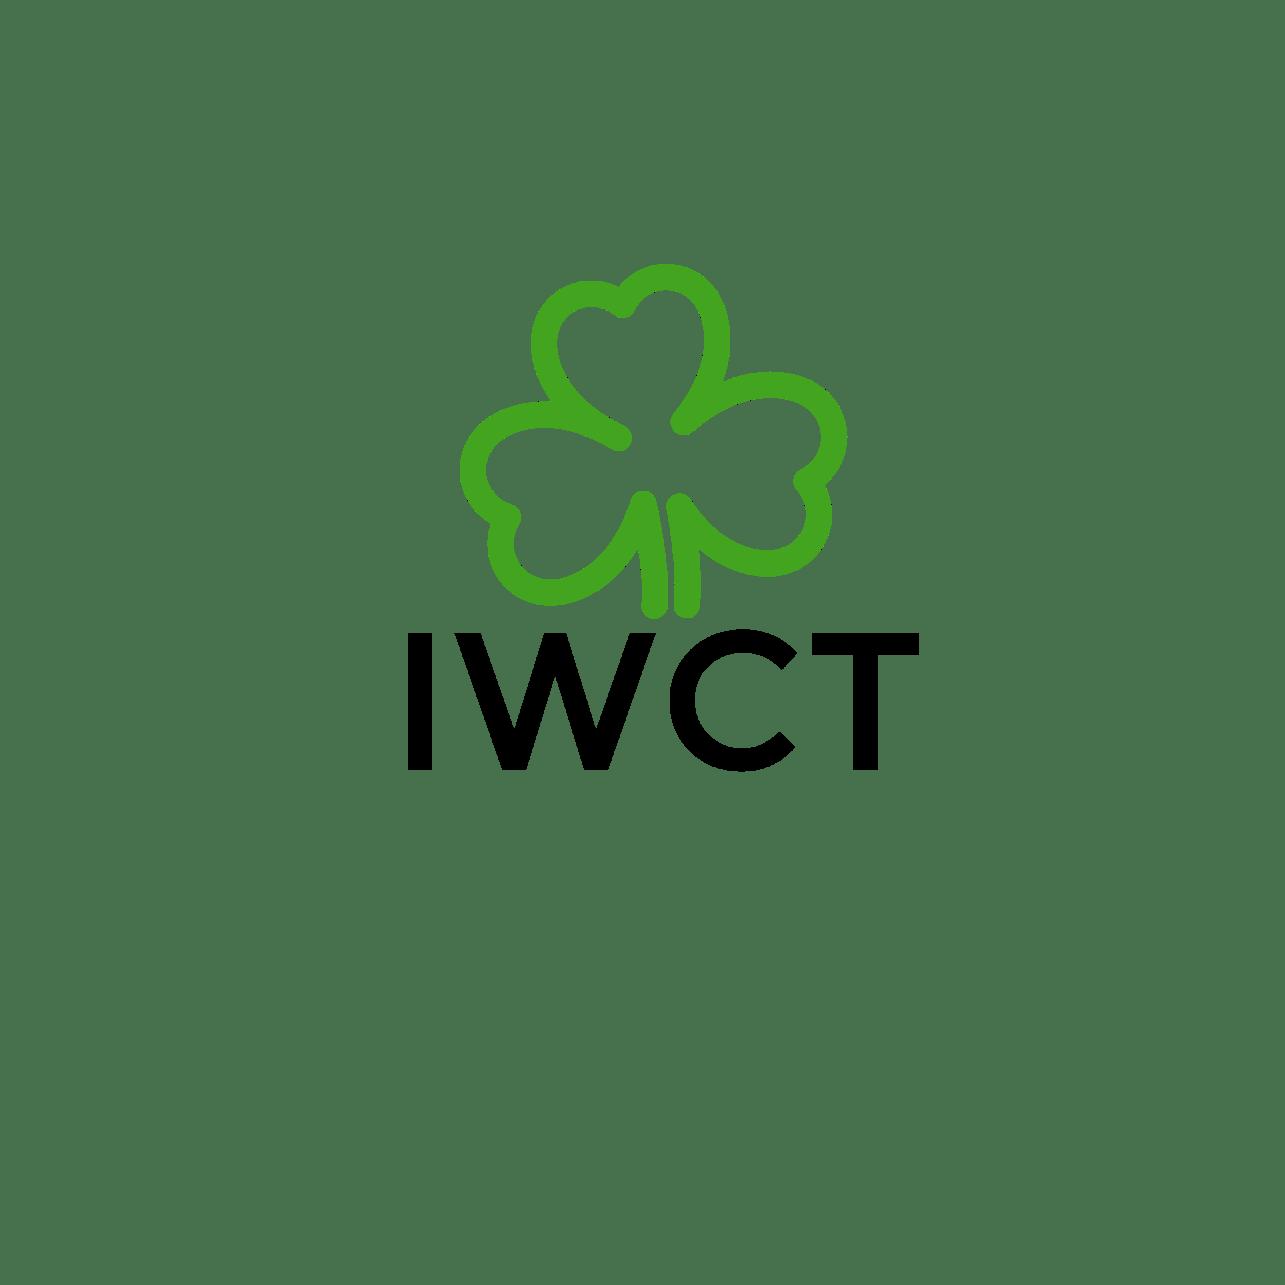 Irish Wolfhound Charitable Trust